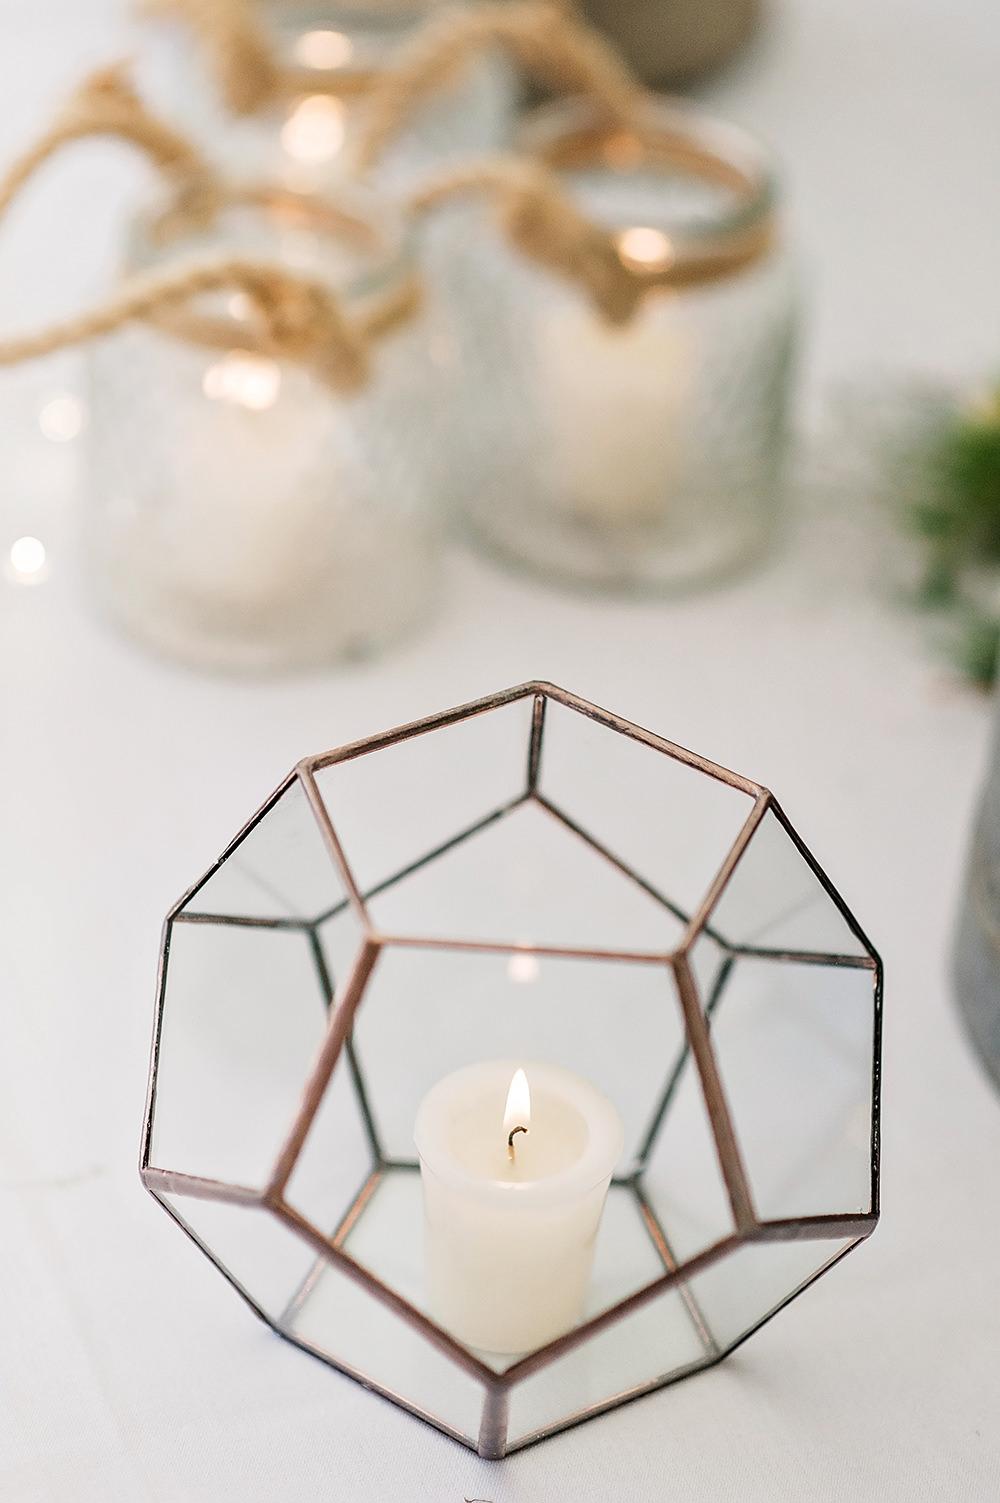 Geometric Candle Holder Edmondsham House Wedding Darima Frampton Photography